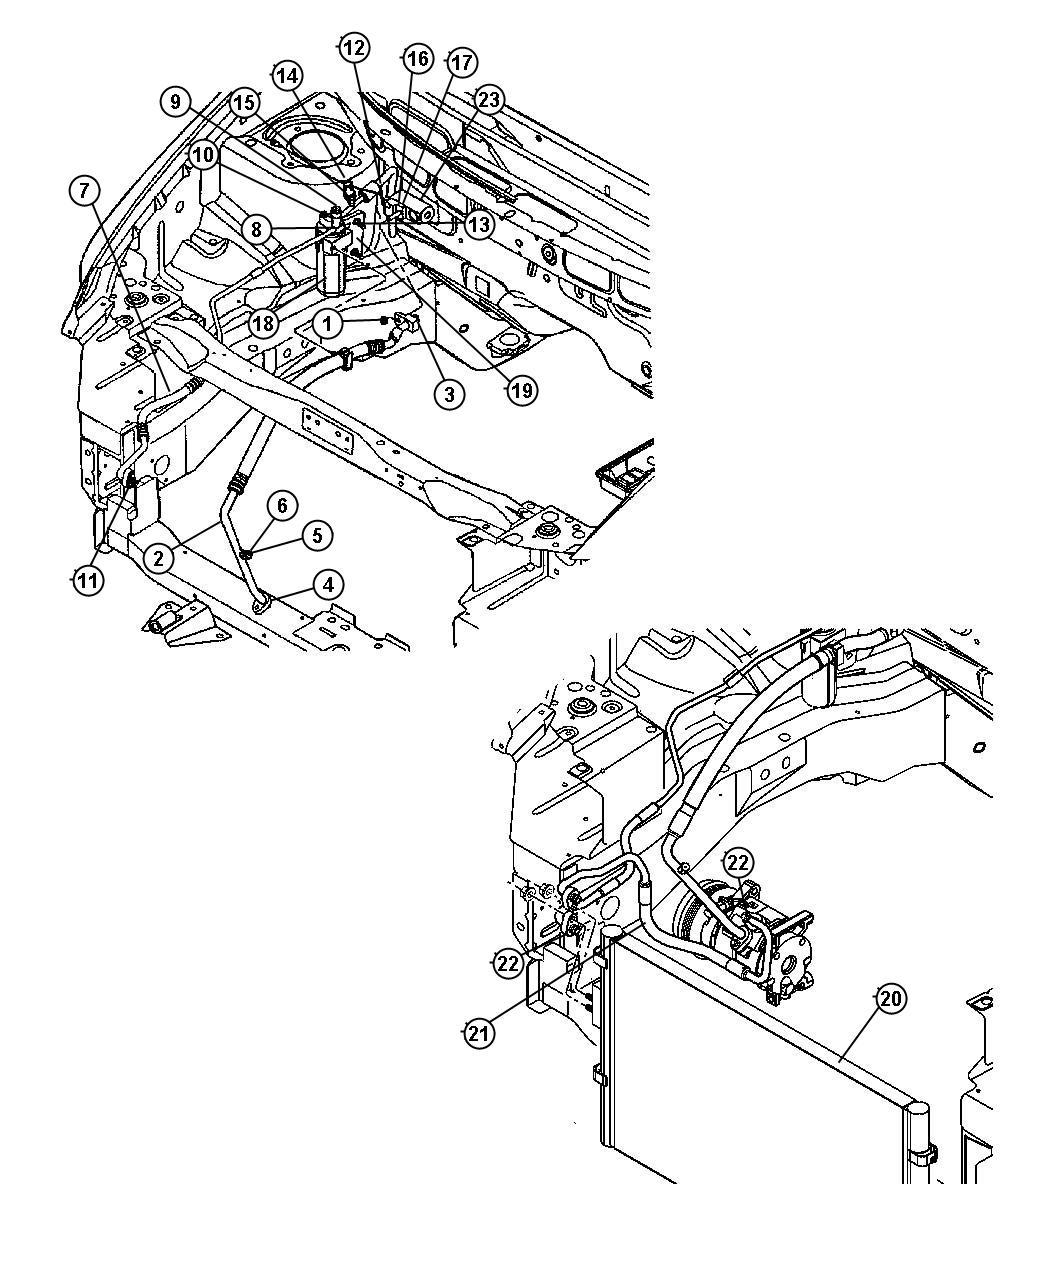 Dodge Caravan Valve, valve core. A/c line, charging